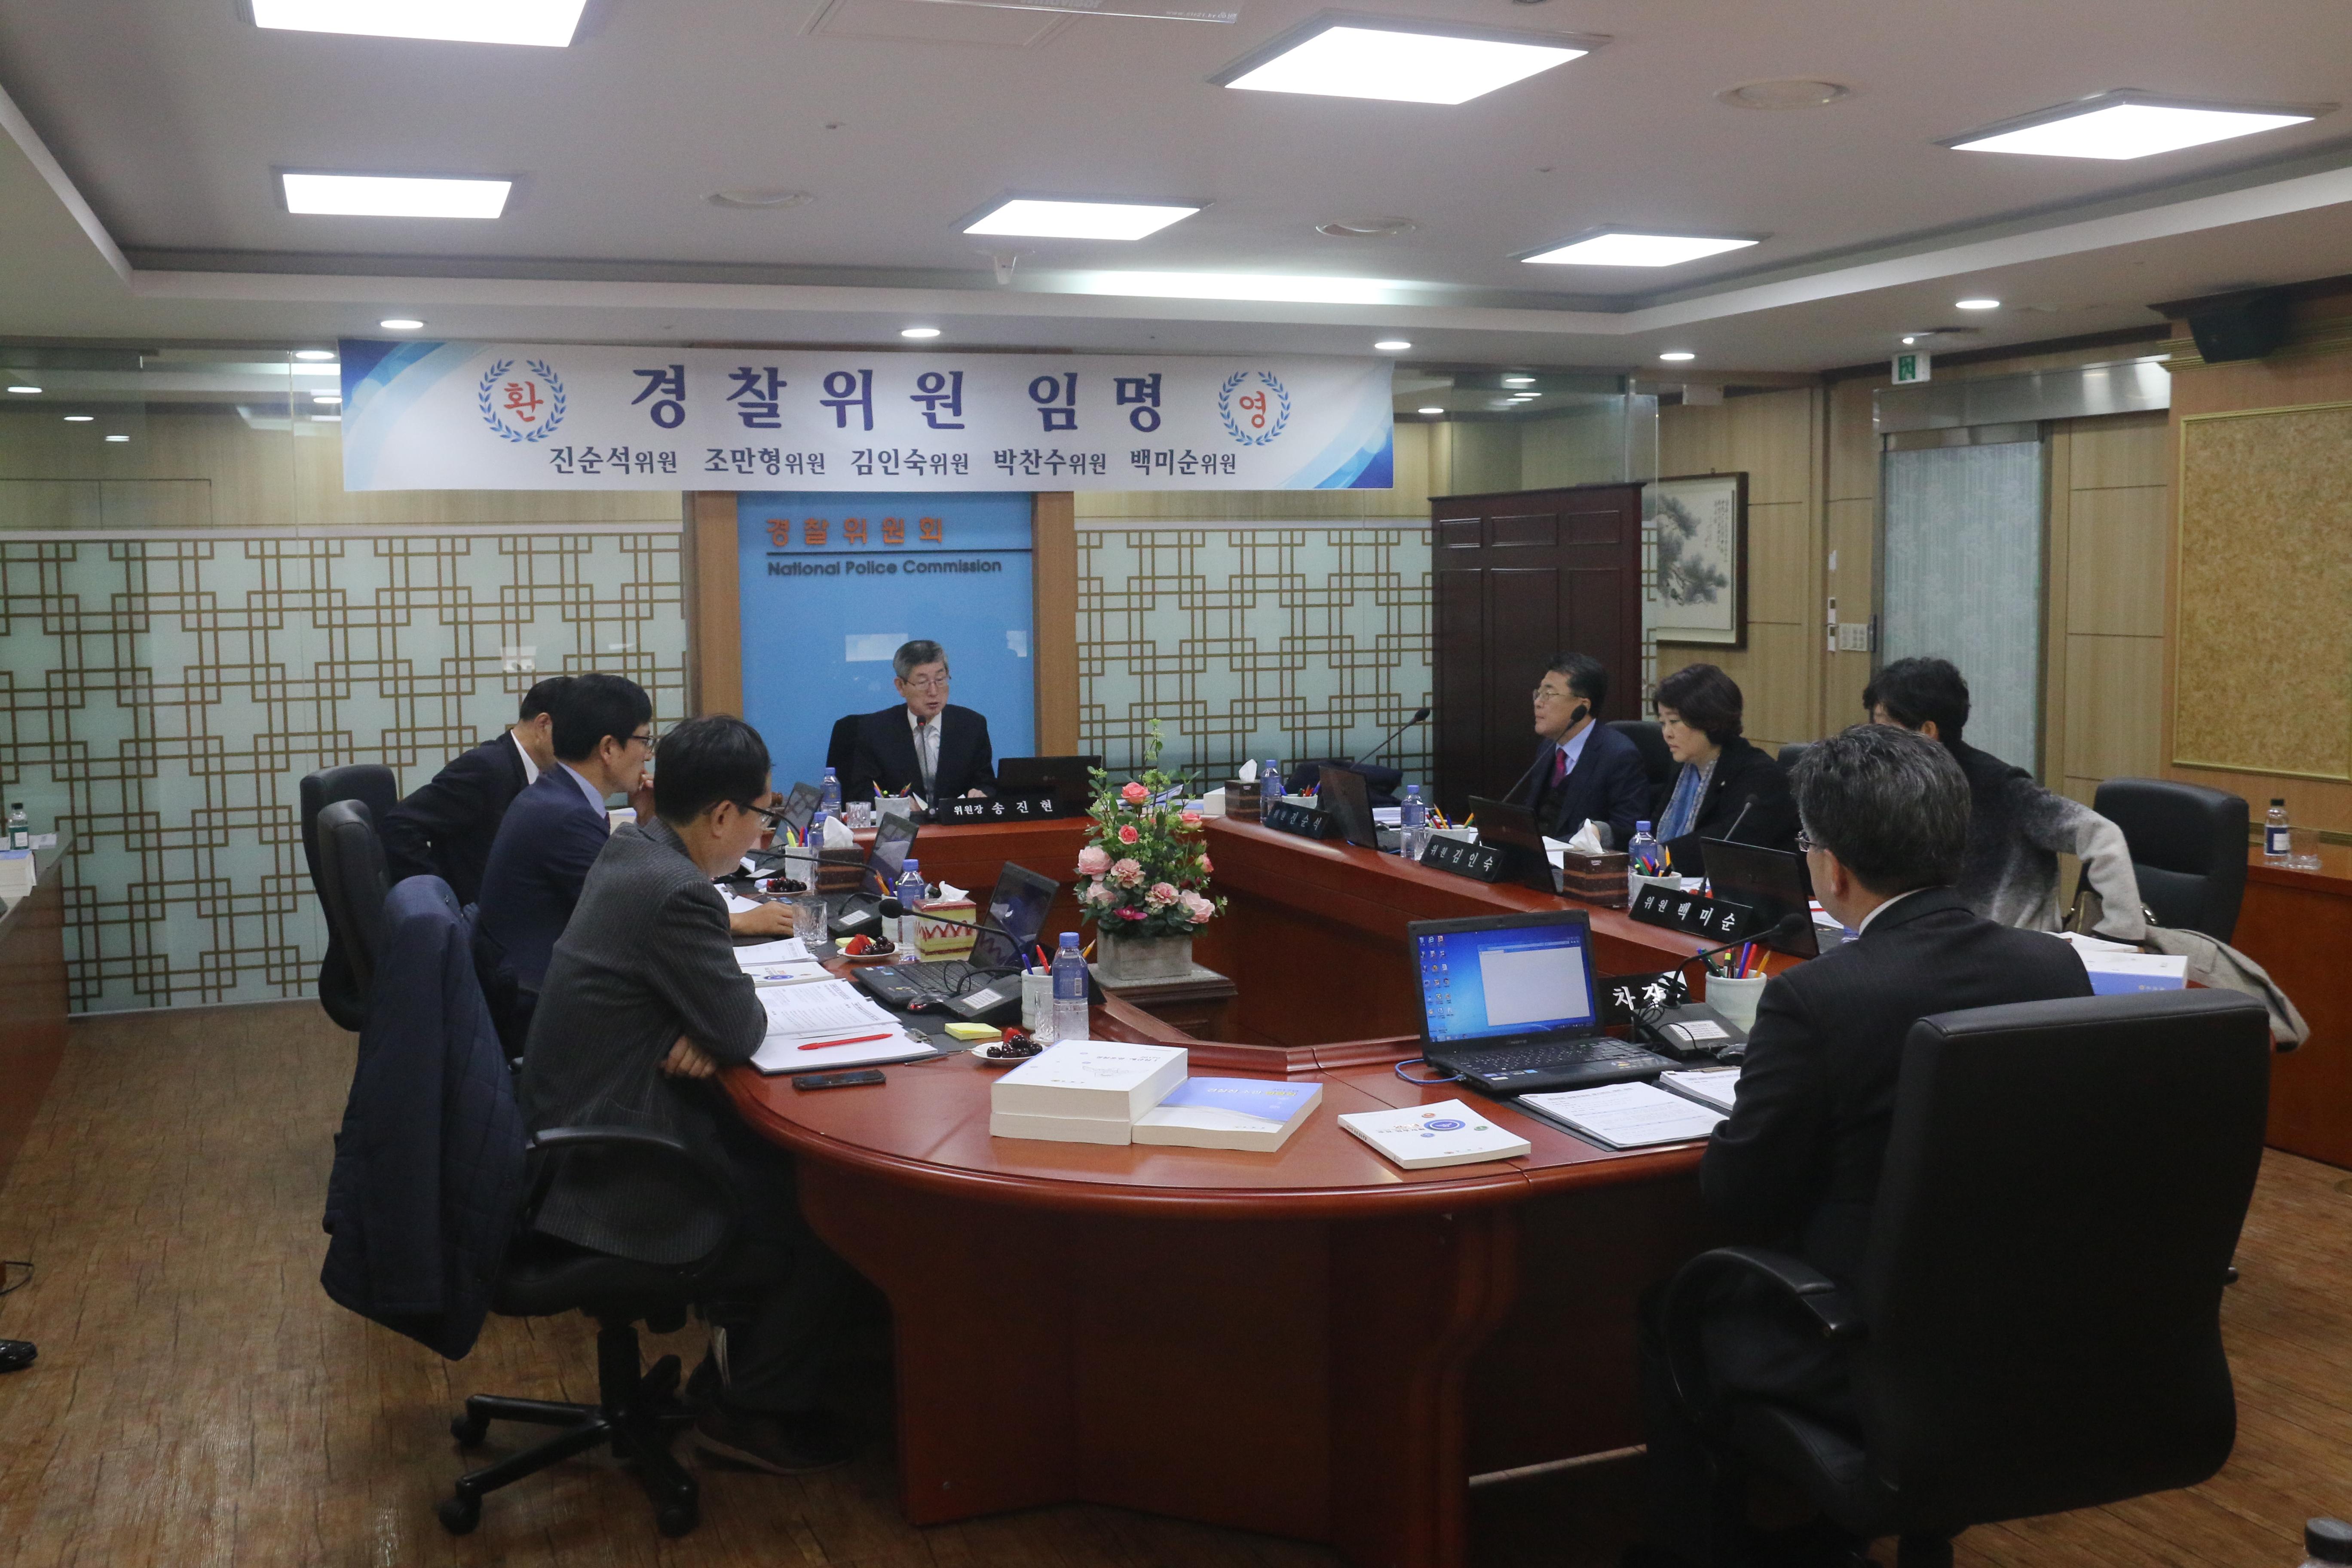 제389회 경찰위원회 정기회의 개최